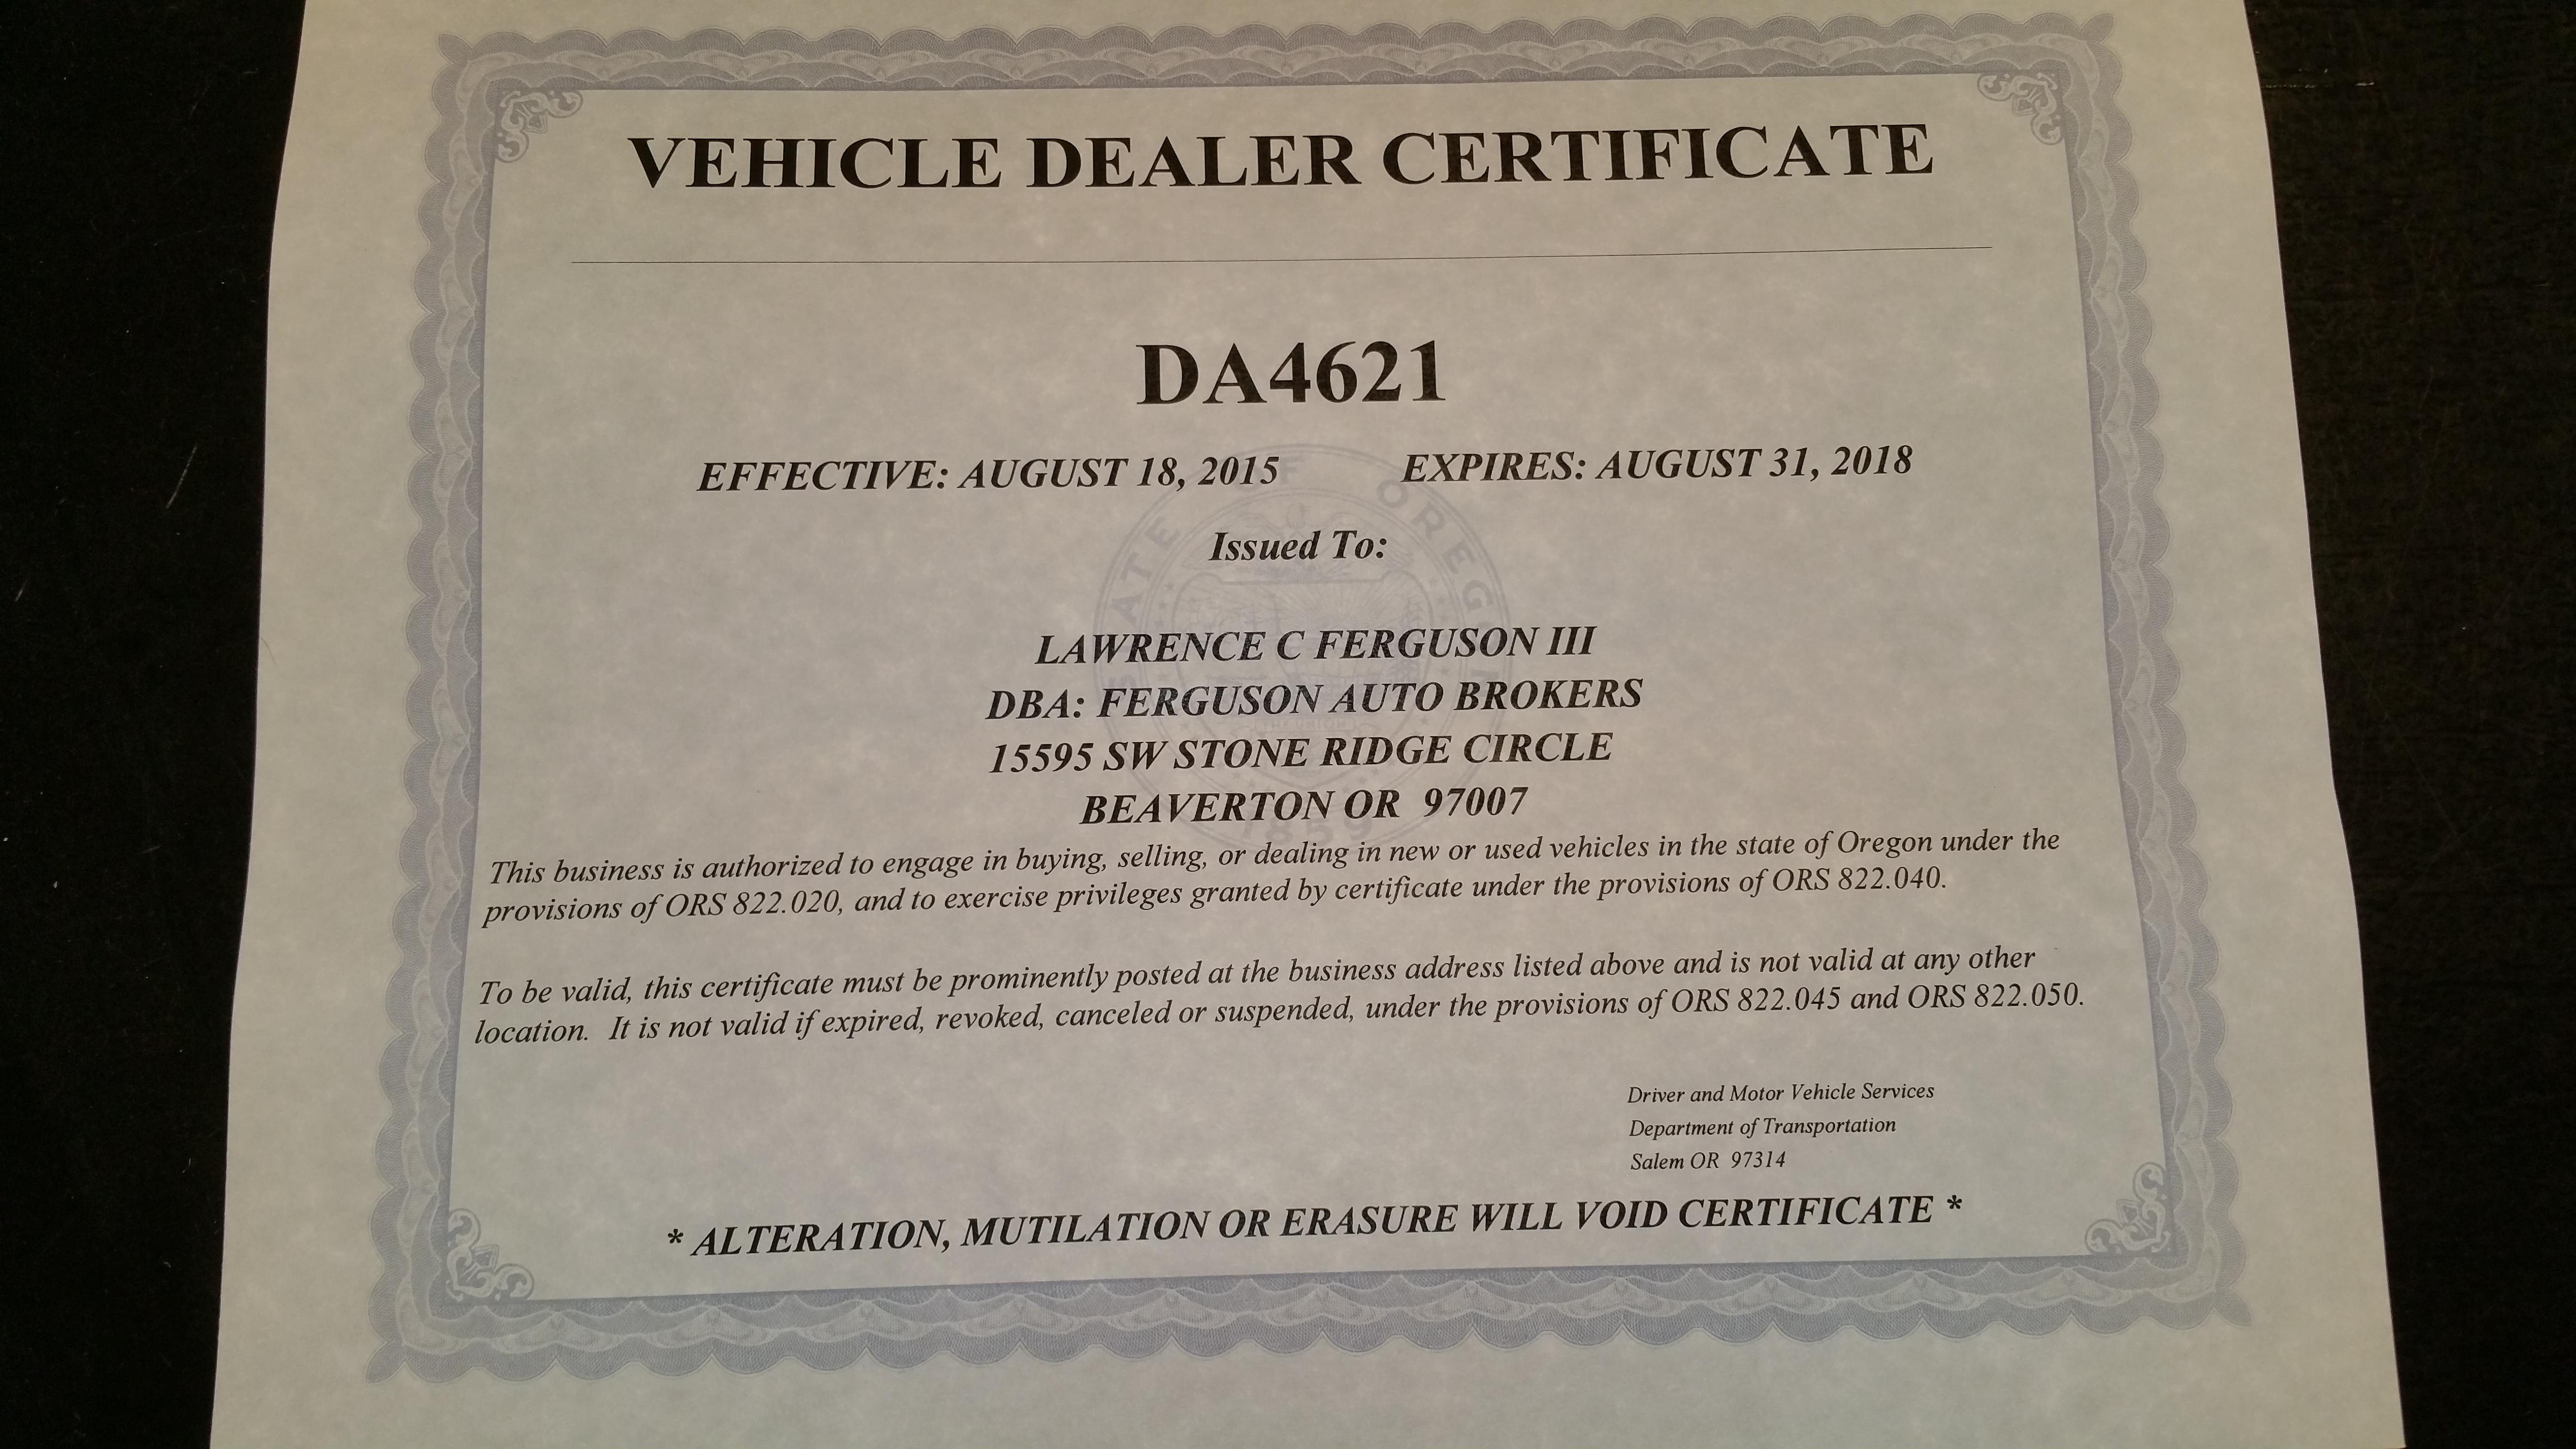 ferguson auto brokers beaverton or 97007 ypcom - How To Become A Auto Broker